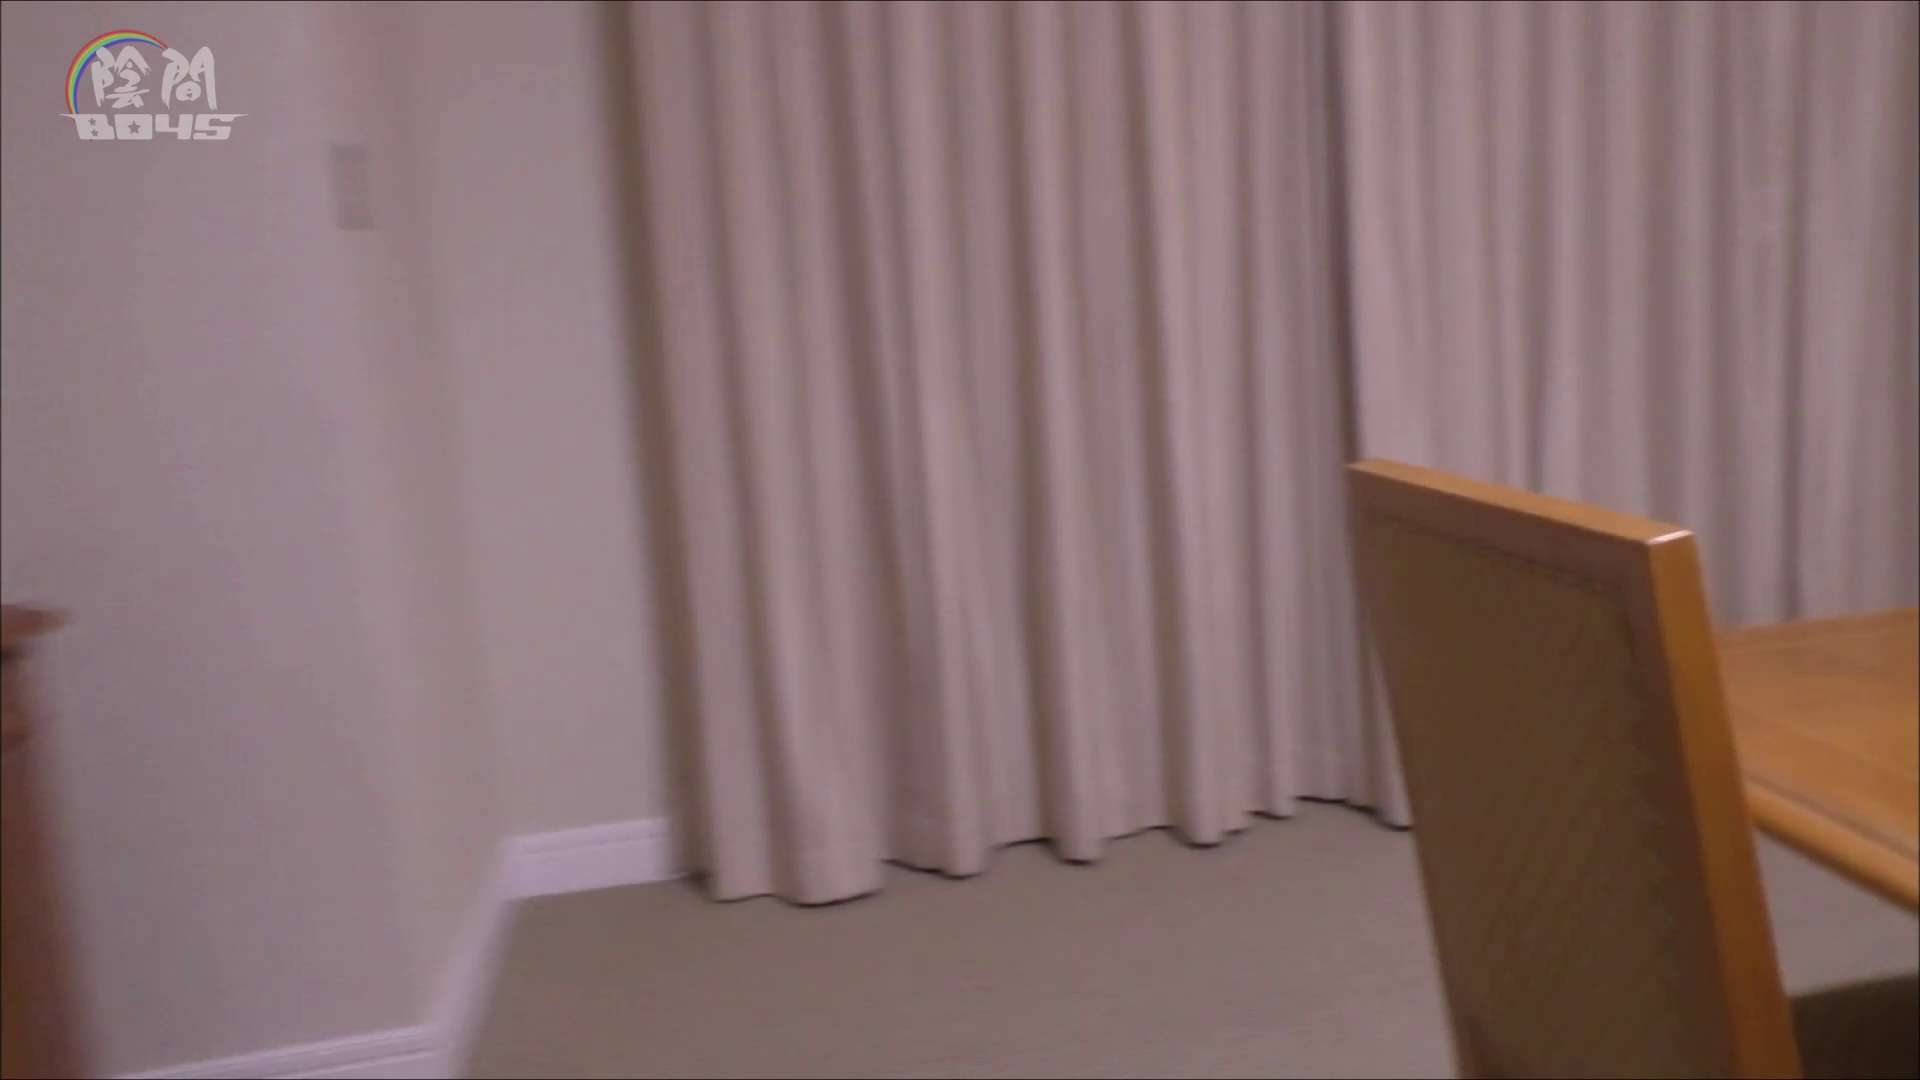 陰間BOYS~「アナルだけは許して…3」~06 アナルで大興奮 ゲイセックス画像 66枚 12